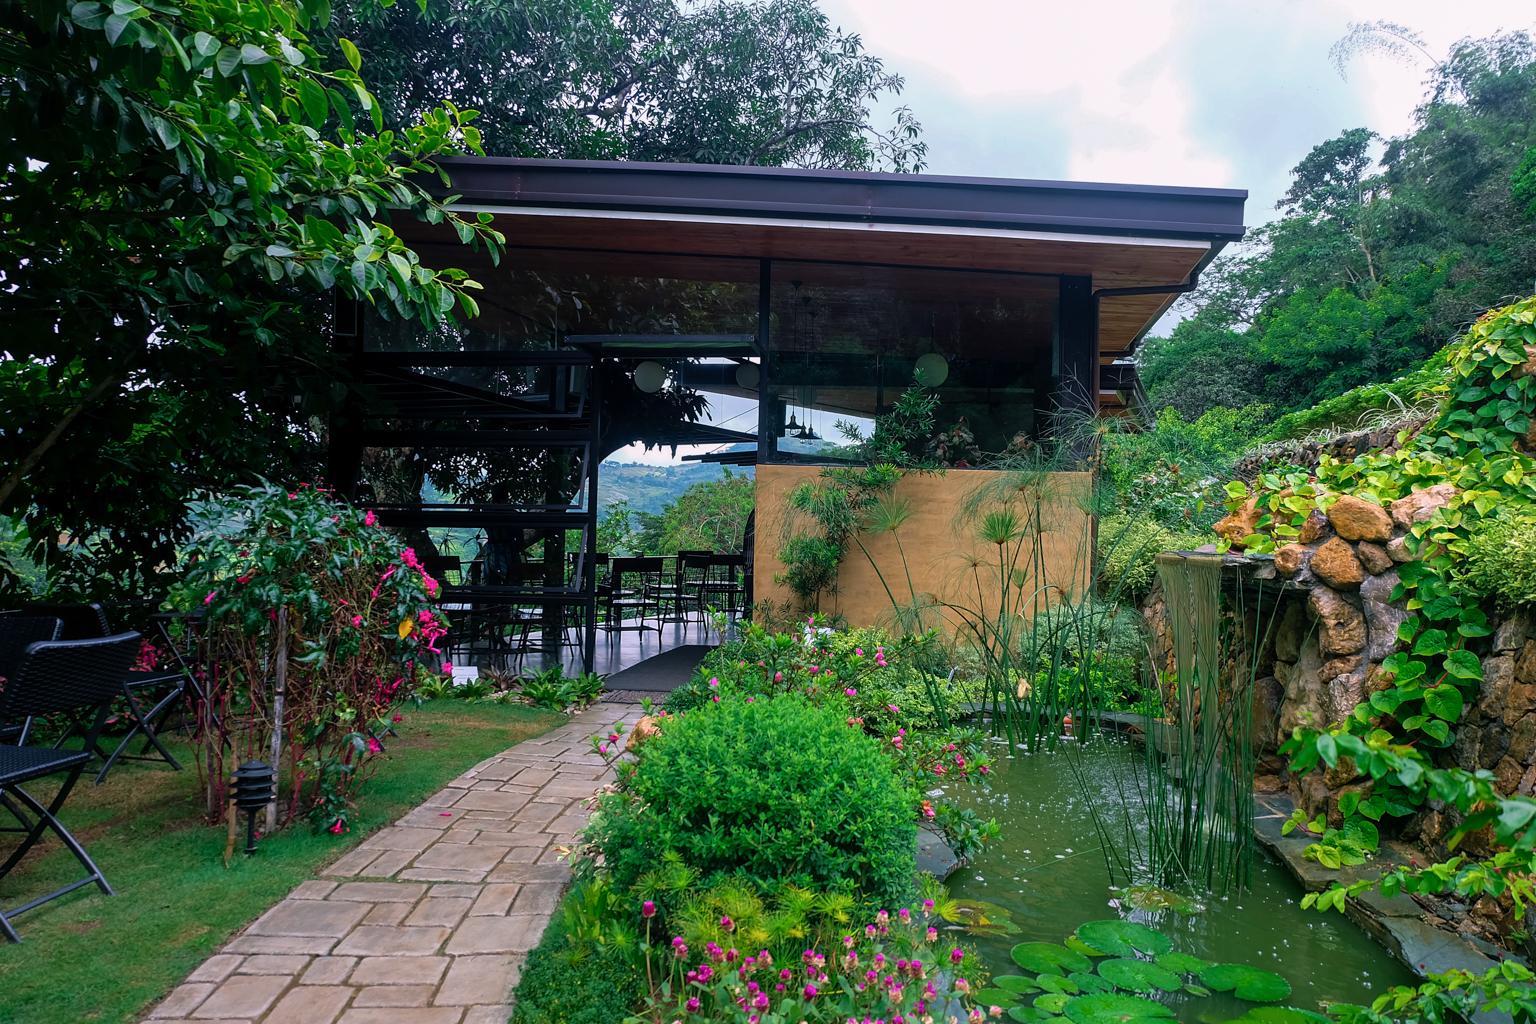 Terrazas de flores botanical garden sojourns and stories for Terrazas de